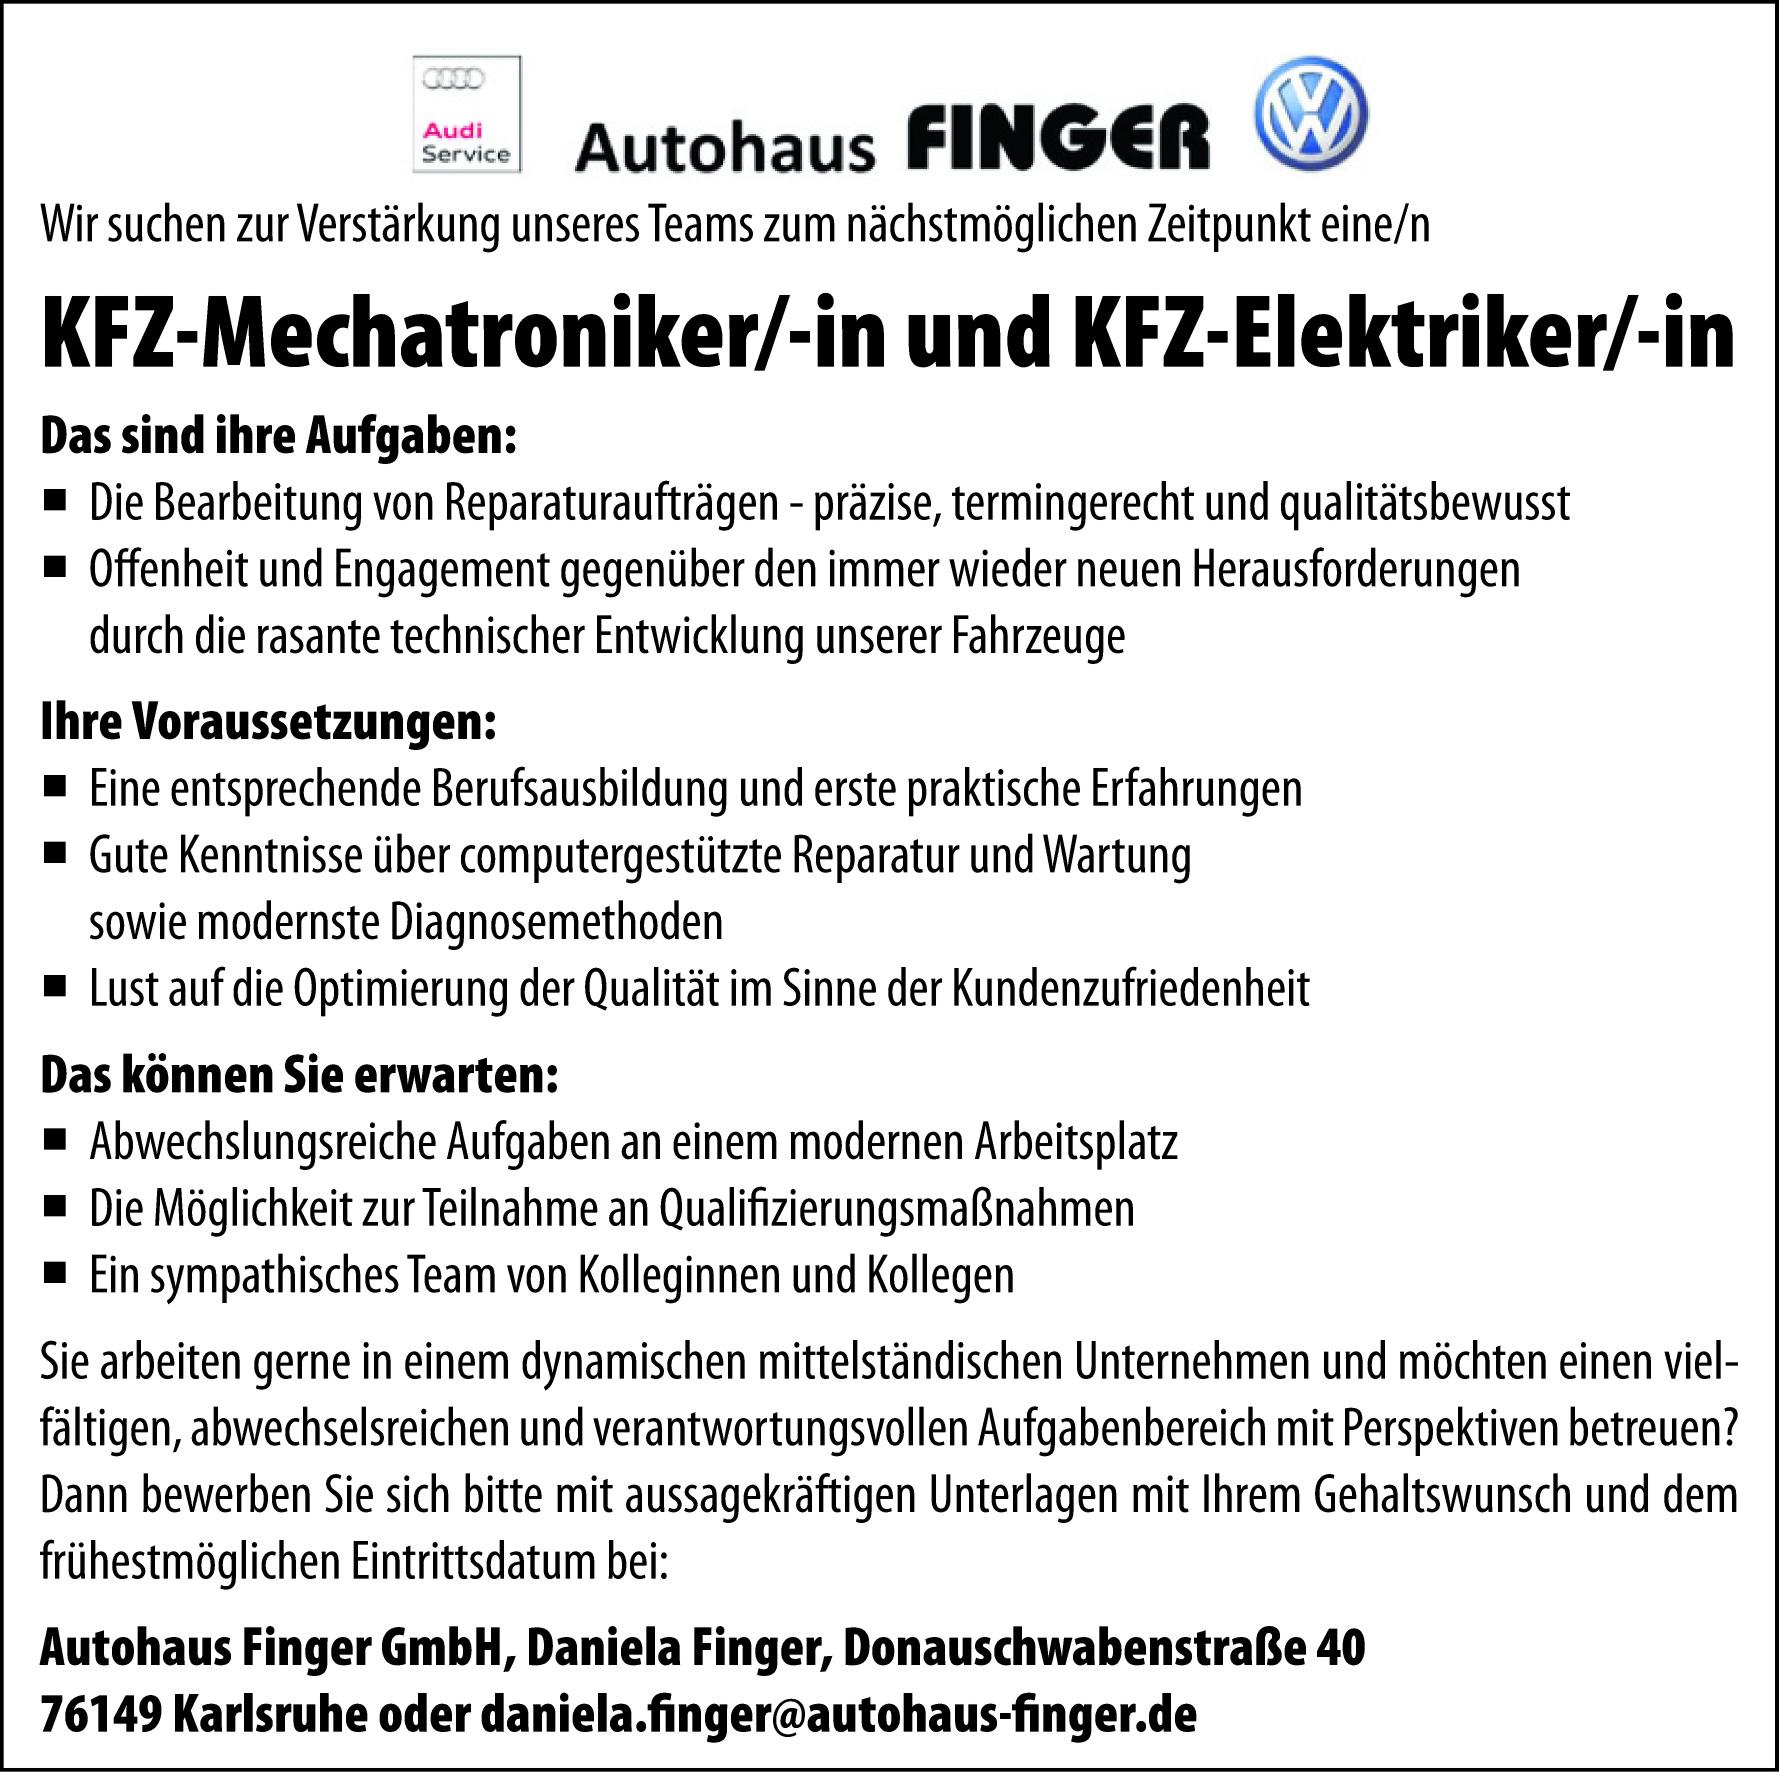 Autohaus Finger